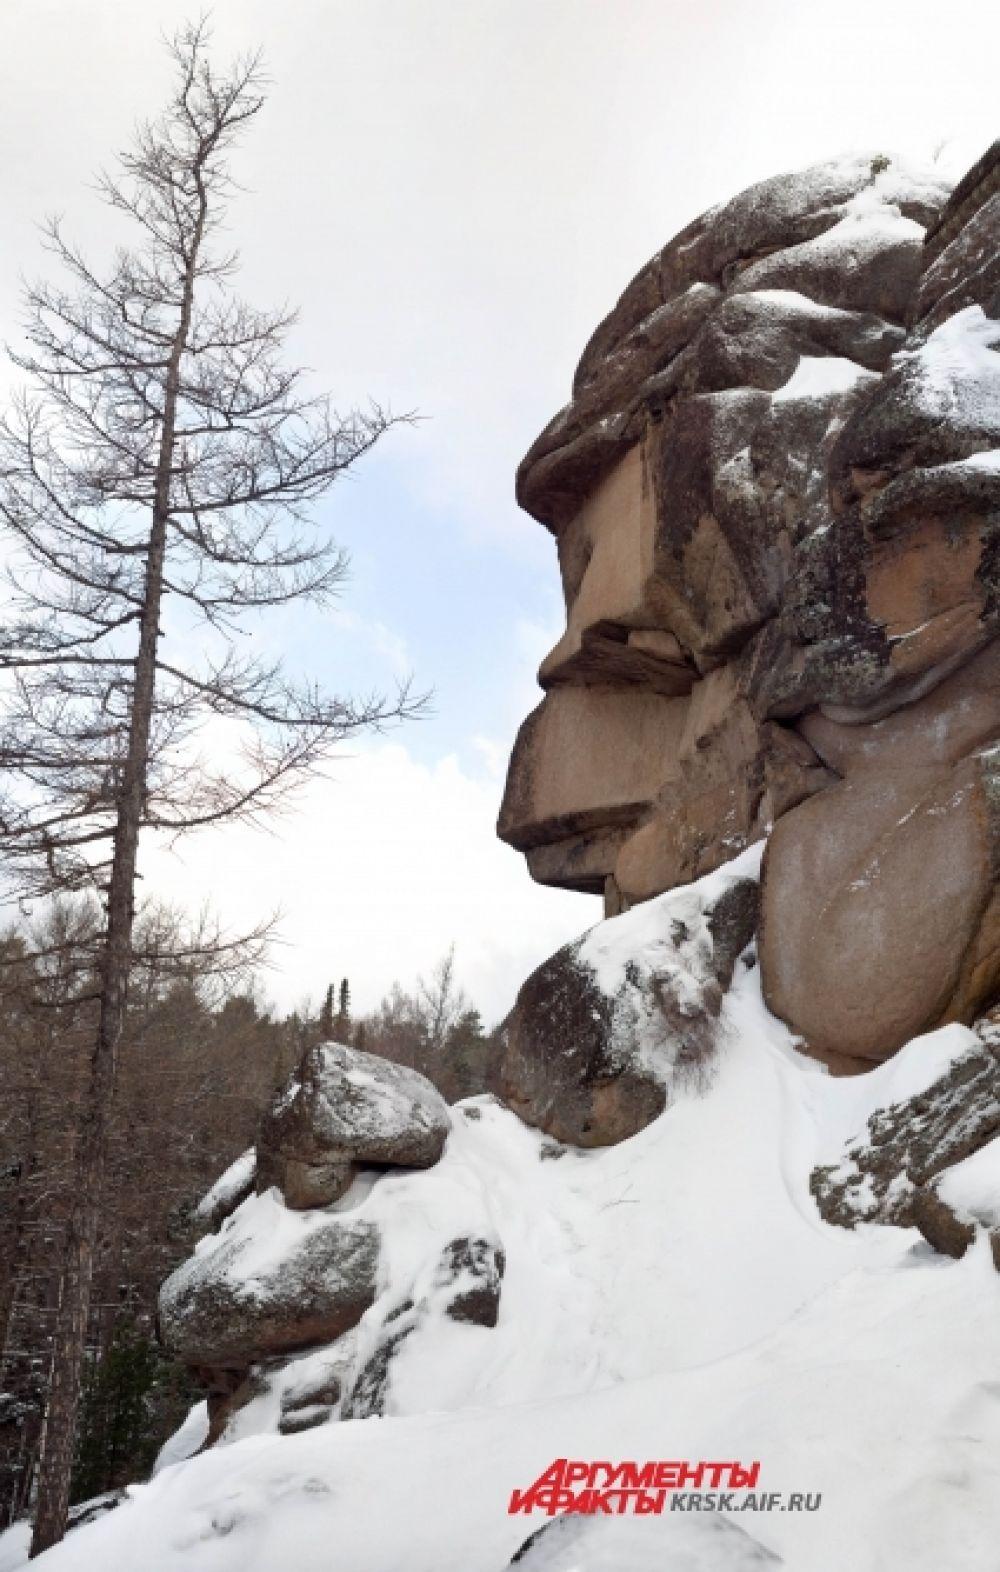 Скала Дед стала узнаваемой благодаря четкому профилю, напоминающему облик человека.